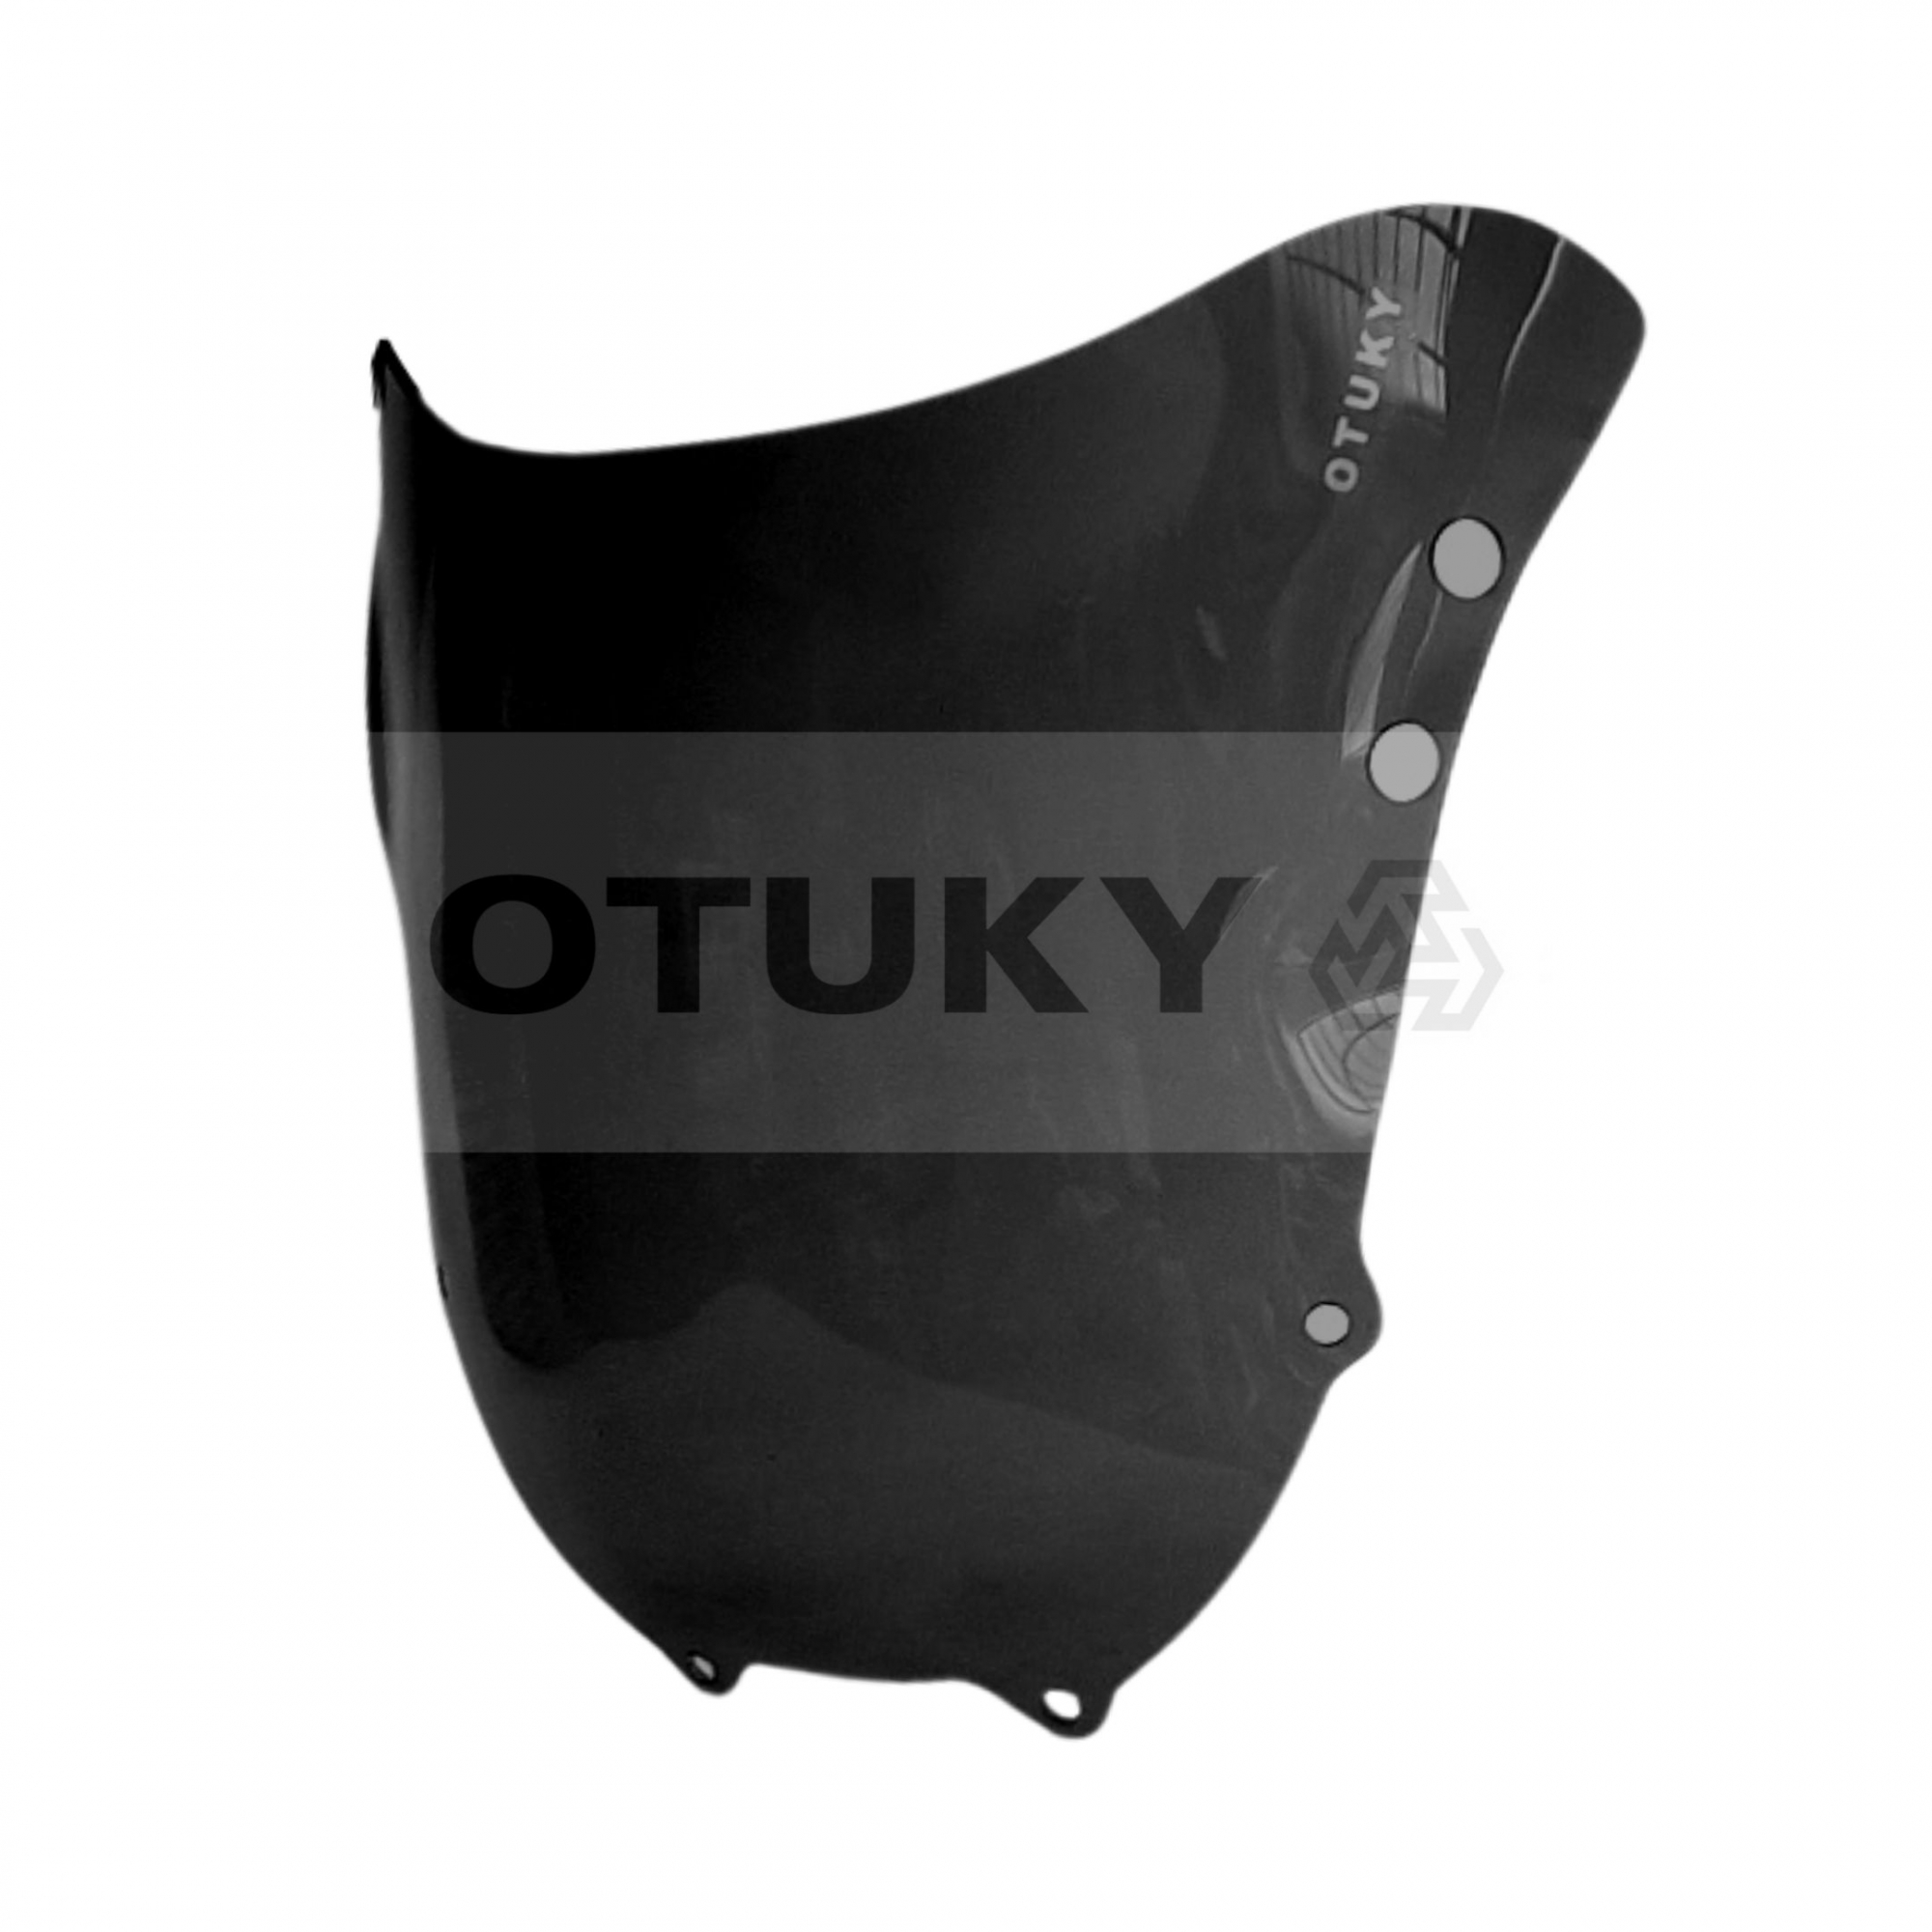 Bolha para Moto CBR 900 RR 1995 1996 1997 Otuky